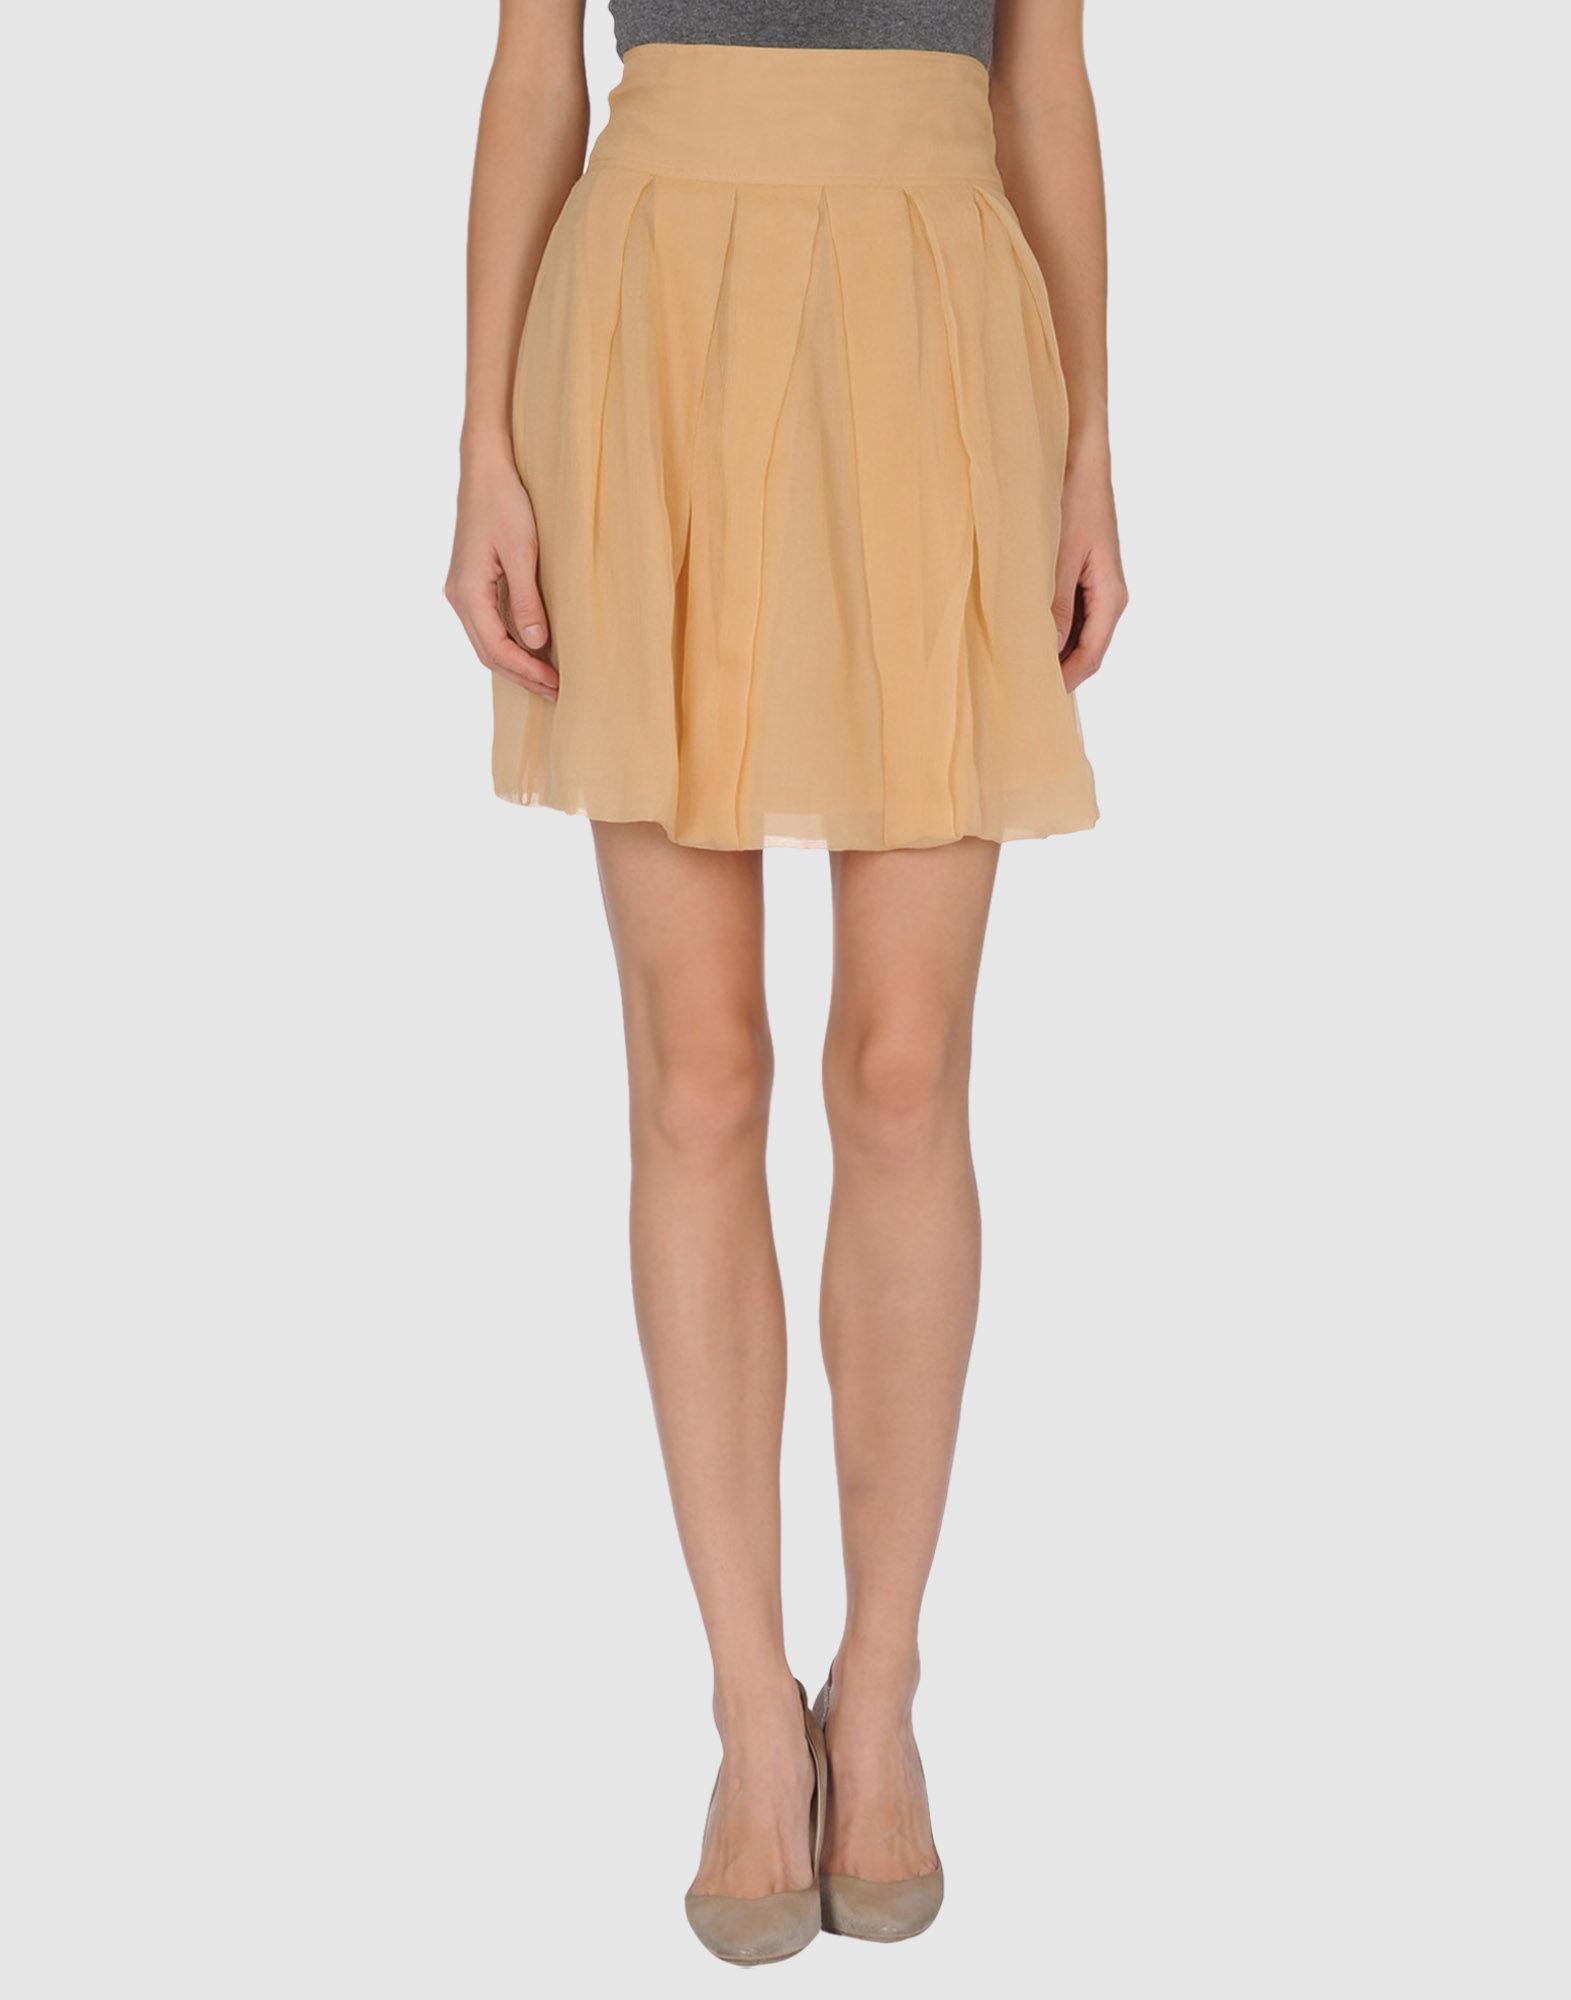 kokosalaki knee length skirt in khaki sand lyst